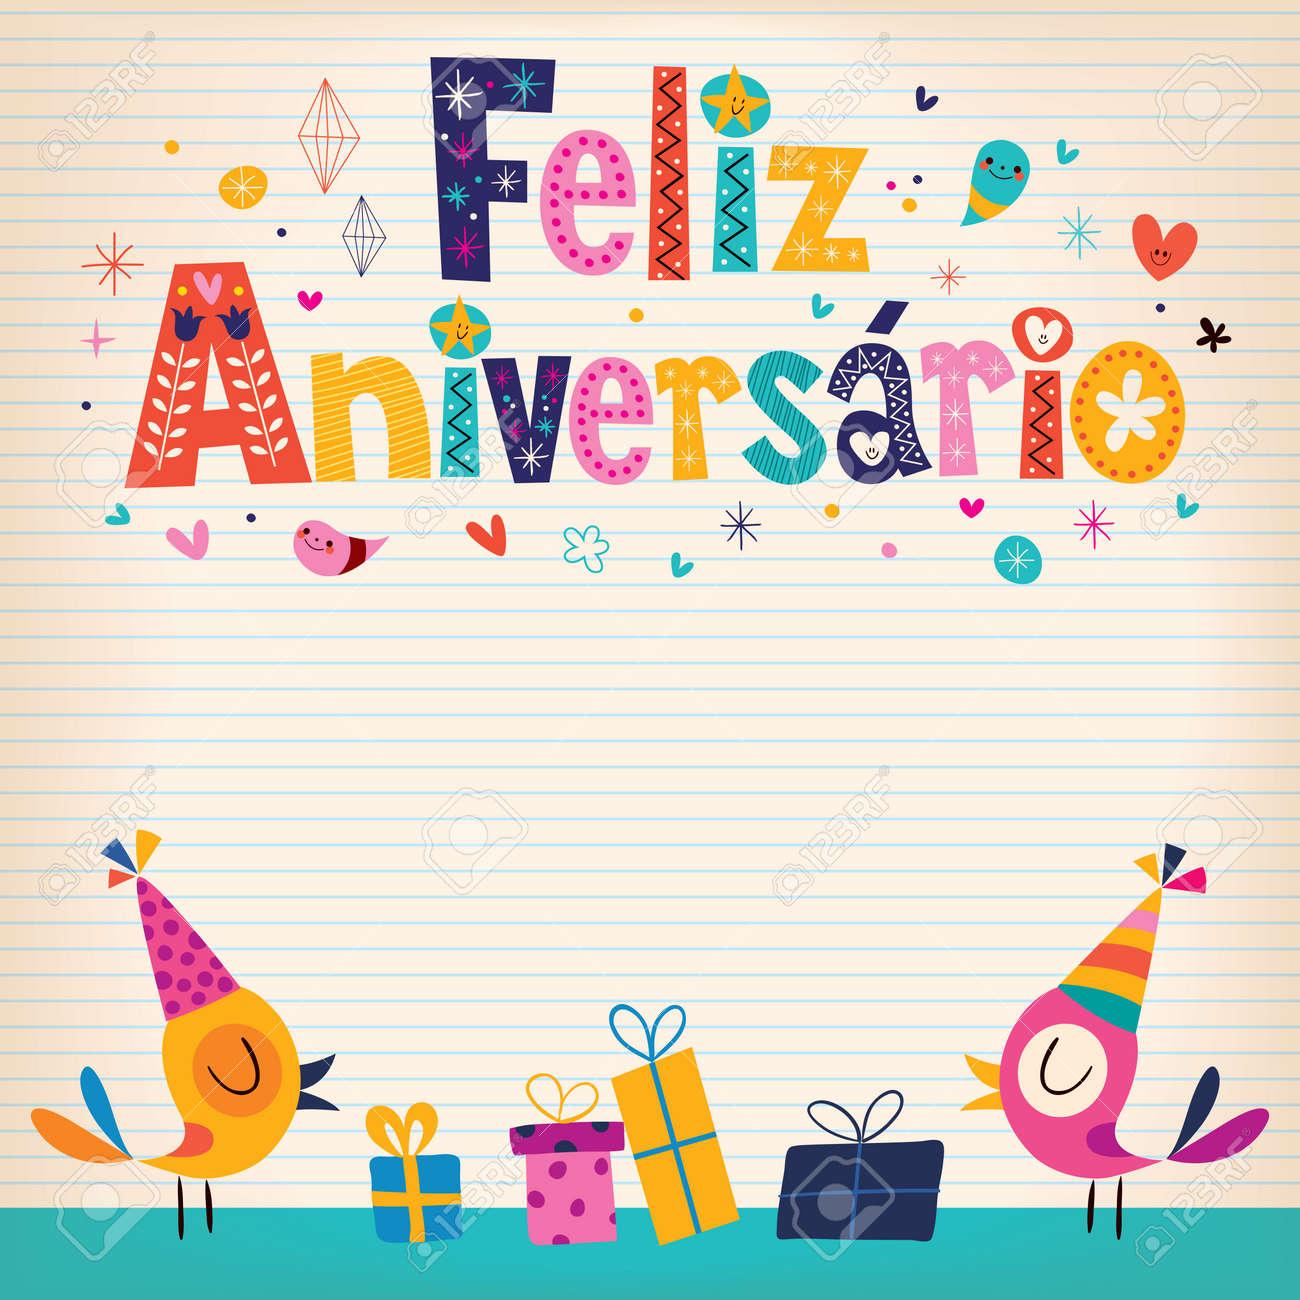 Feliz Aniversario Portuguese Happy Birthday Card Royalty Free – Portuguese Birthday Cards